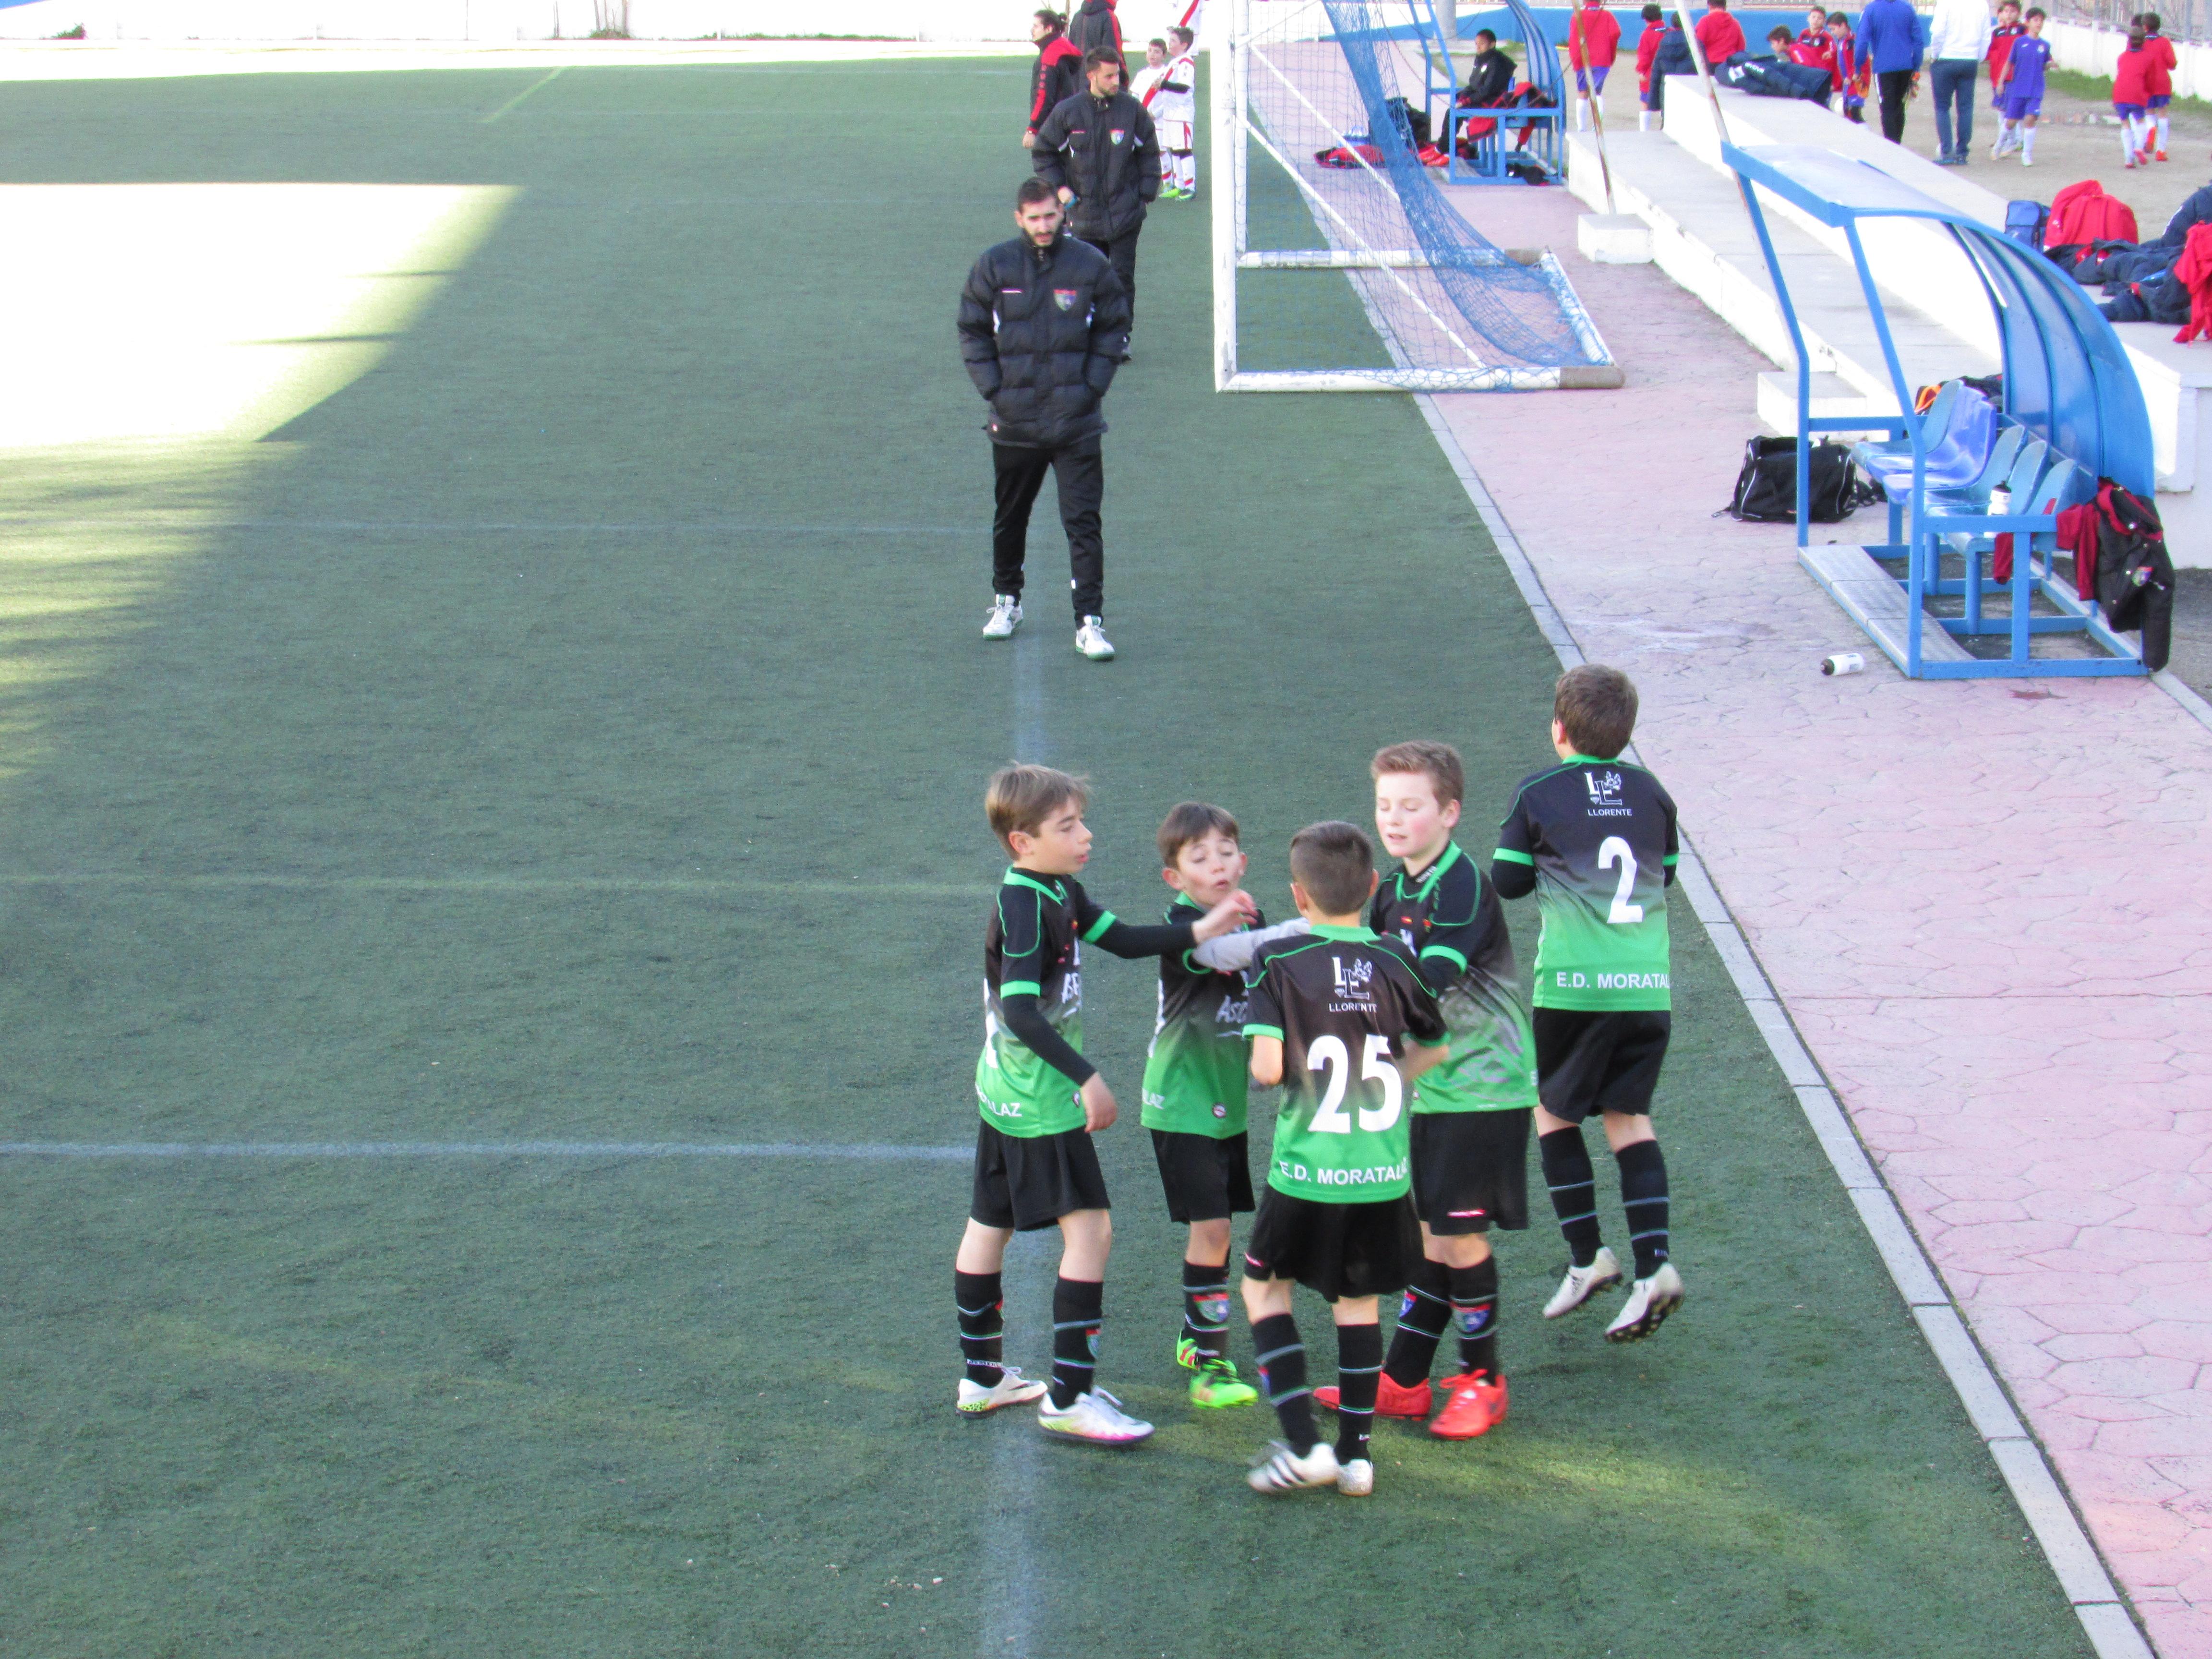 Crónica, fotos y vídeos del partido Benjamín C 11-1 F. Rayo Vallecano H